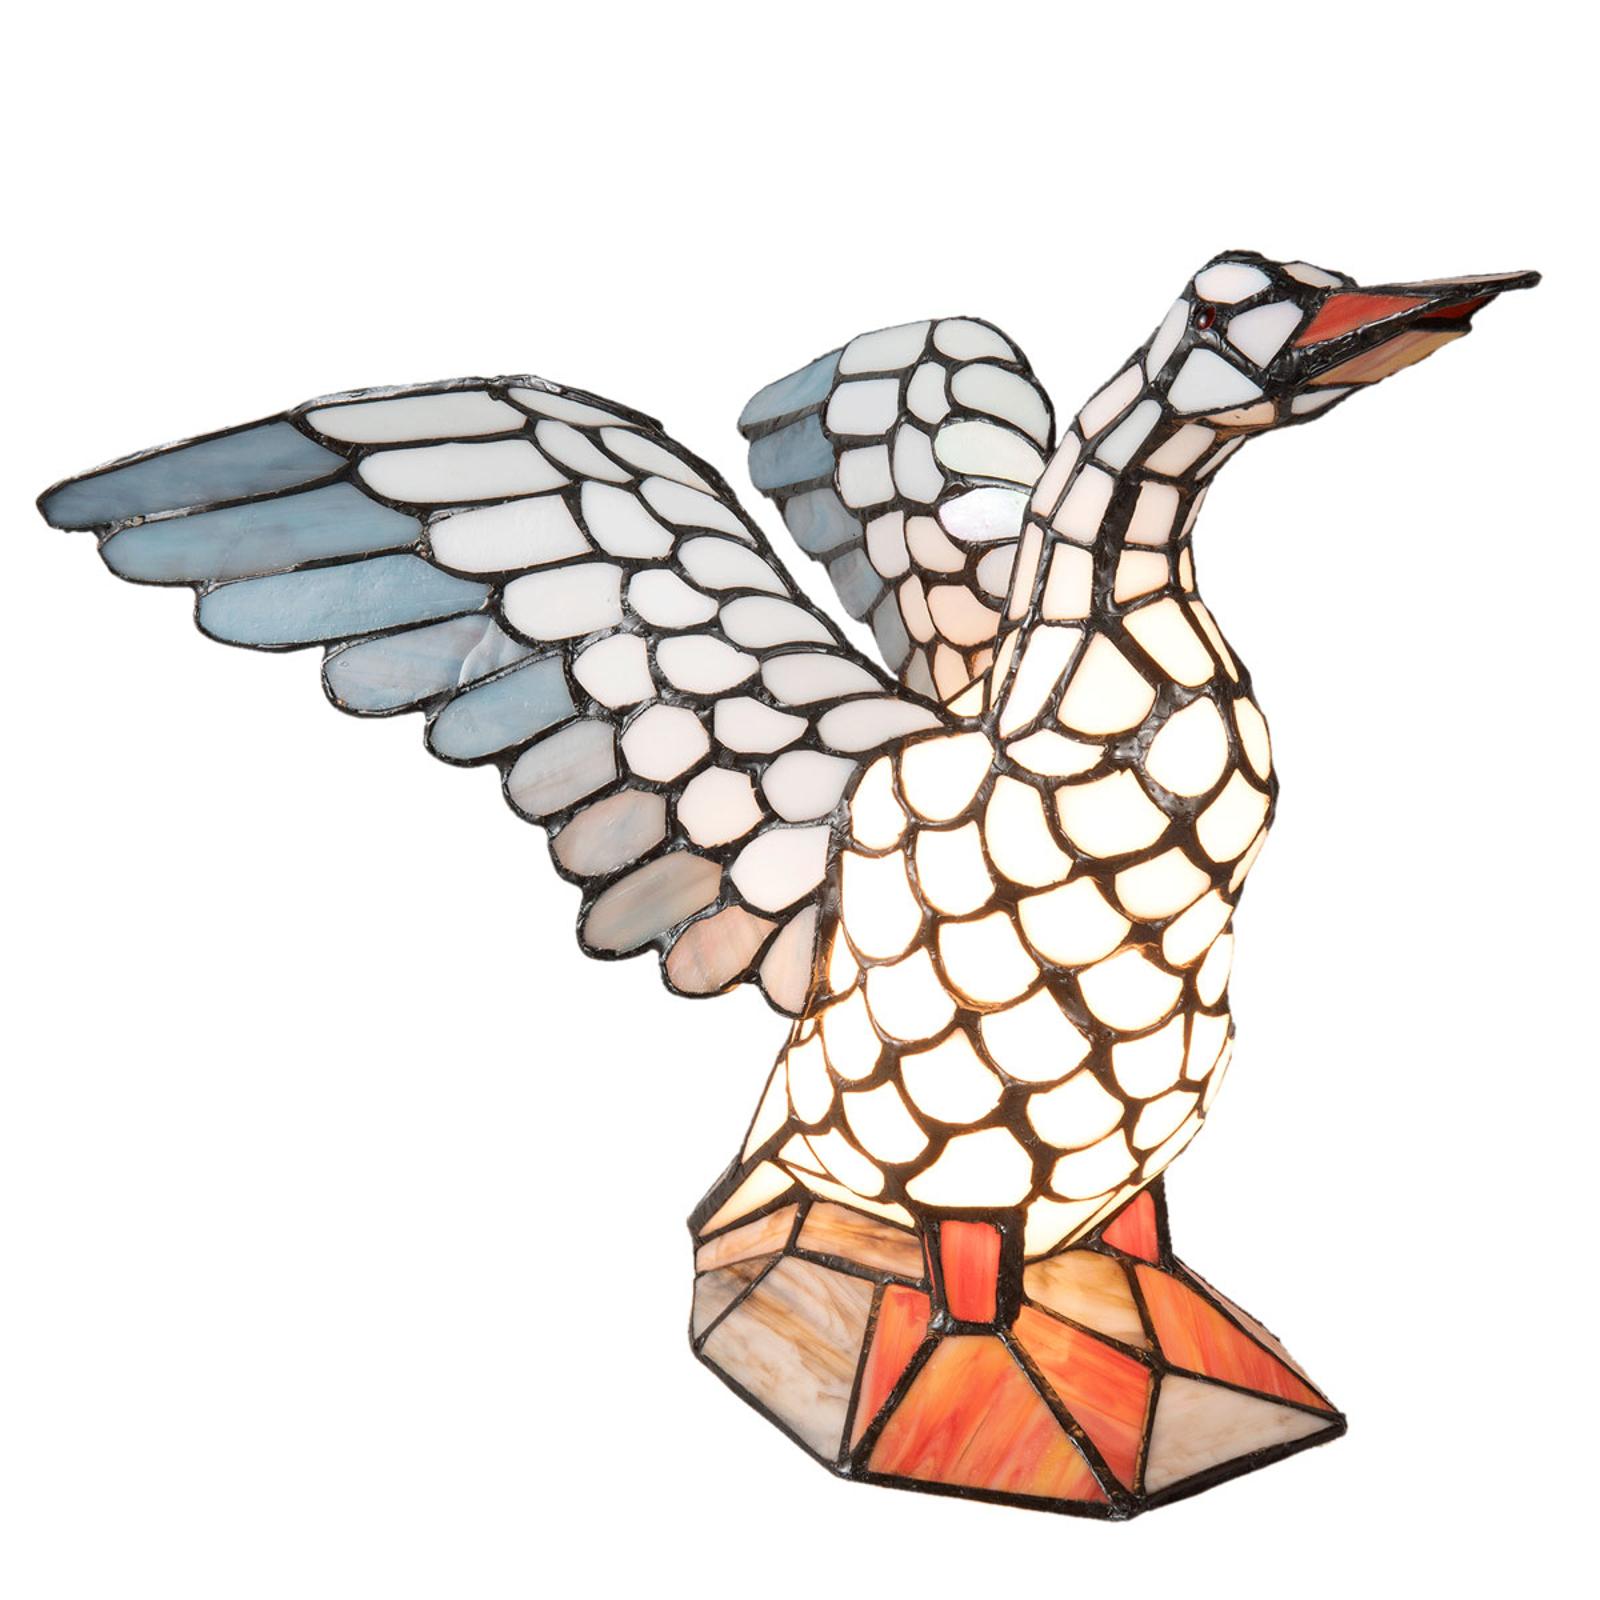 Pöytälamppu 5928 tiffany-tyyliä, hanhen muotoinen